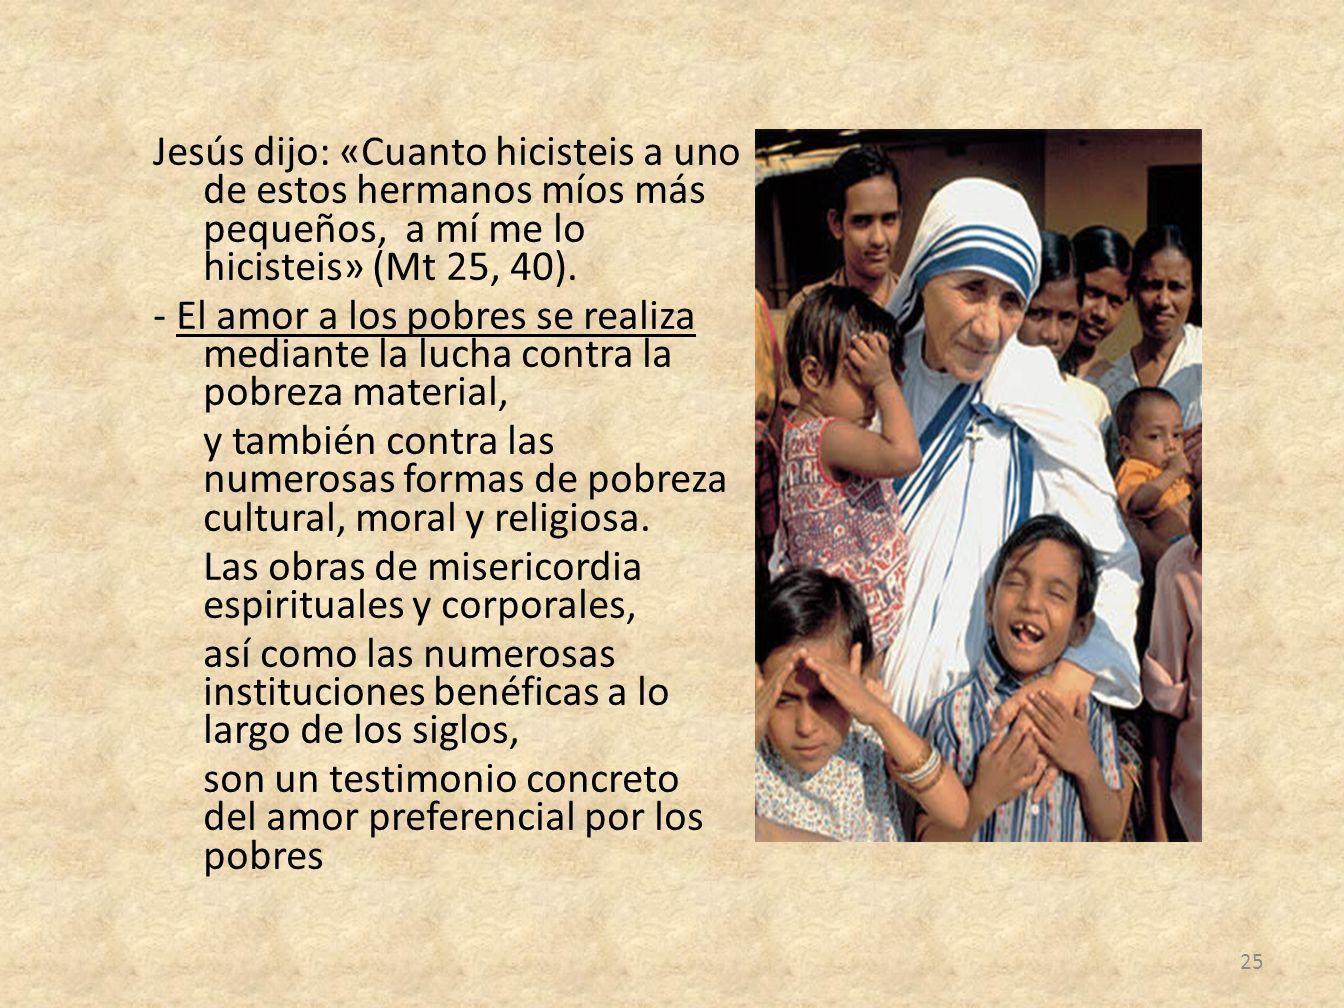 Jesús dijo: «Cuanto hicisteis a uno de estos hermanos míos más pequeños, a mí me lo hicisteis» (Mt 25, 40). - El amor a los pobres se realiza mediante